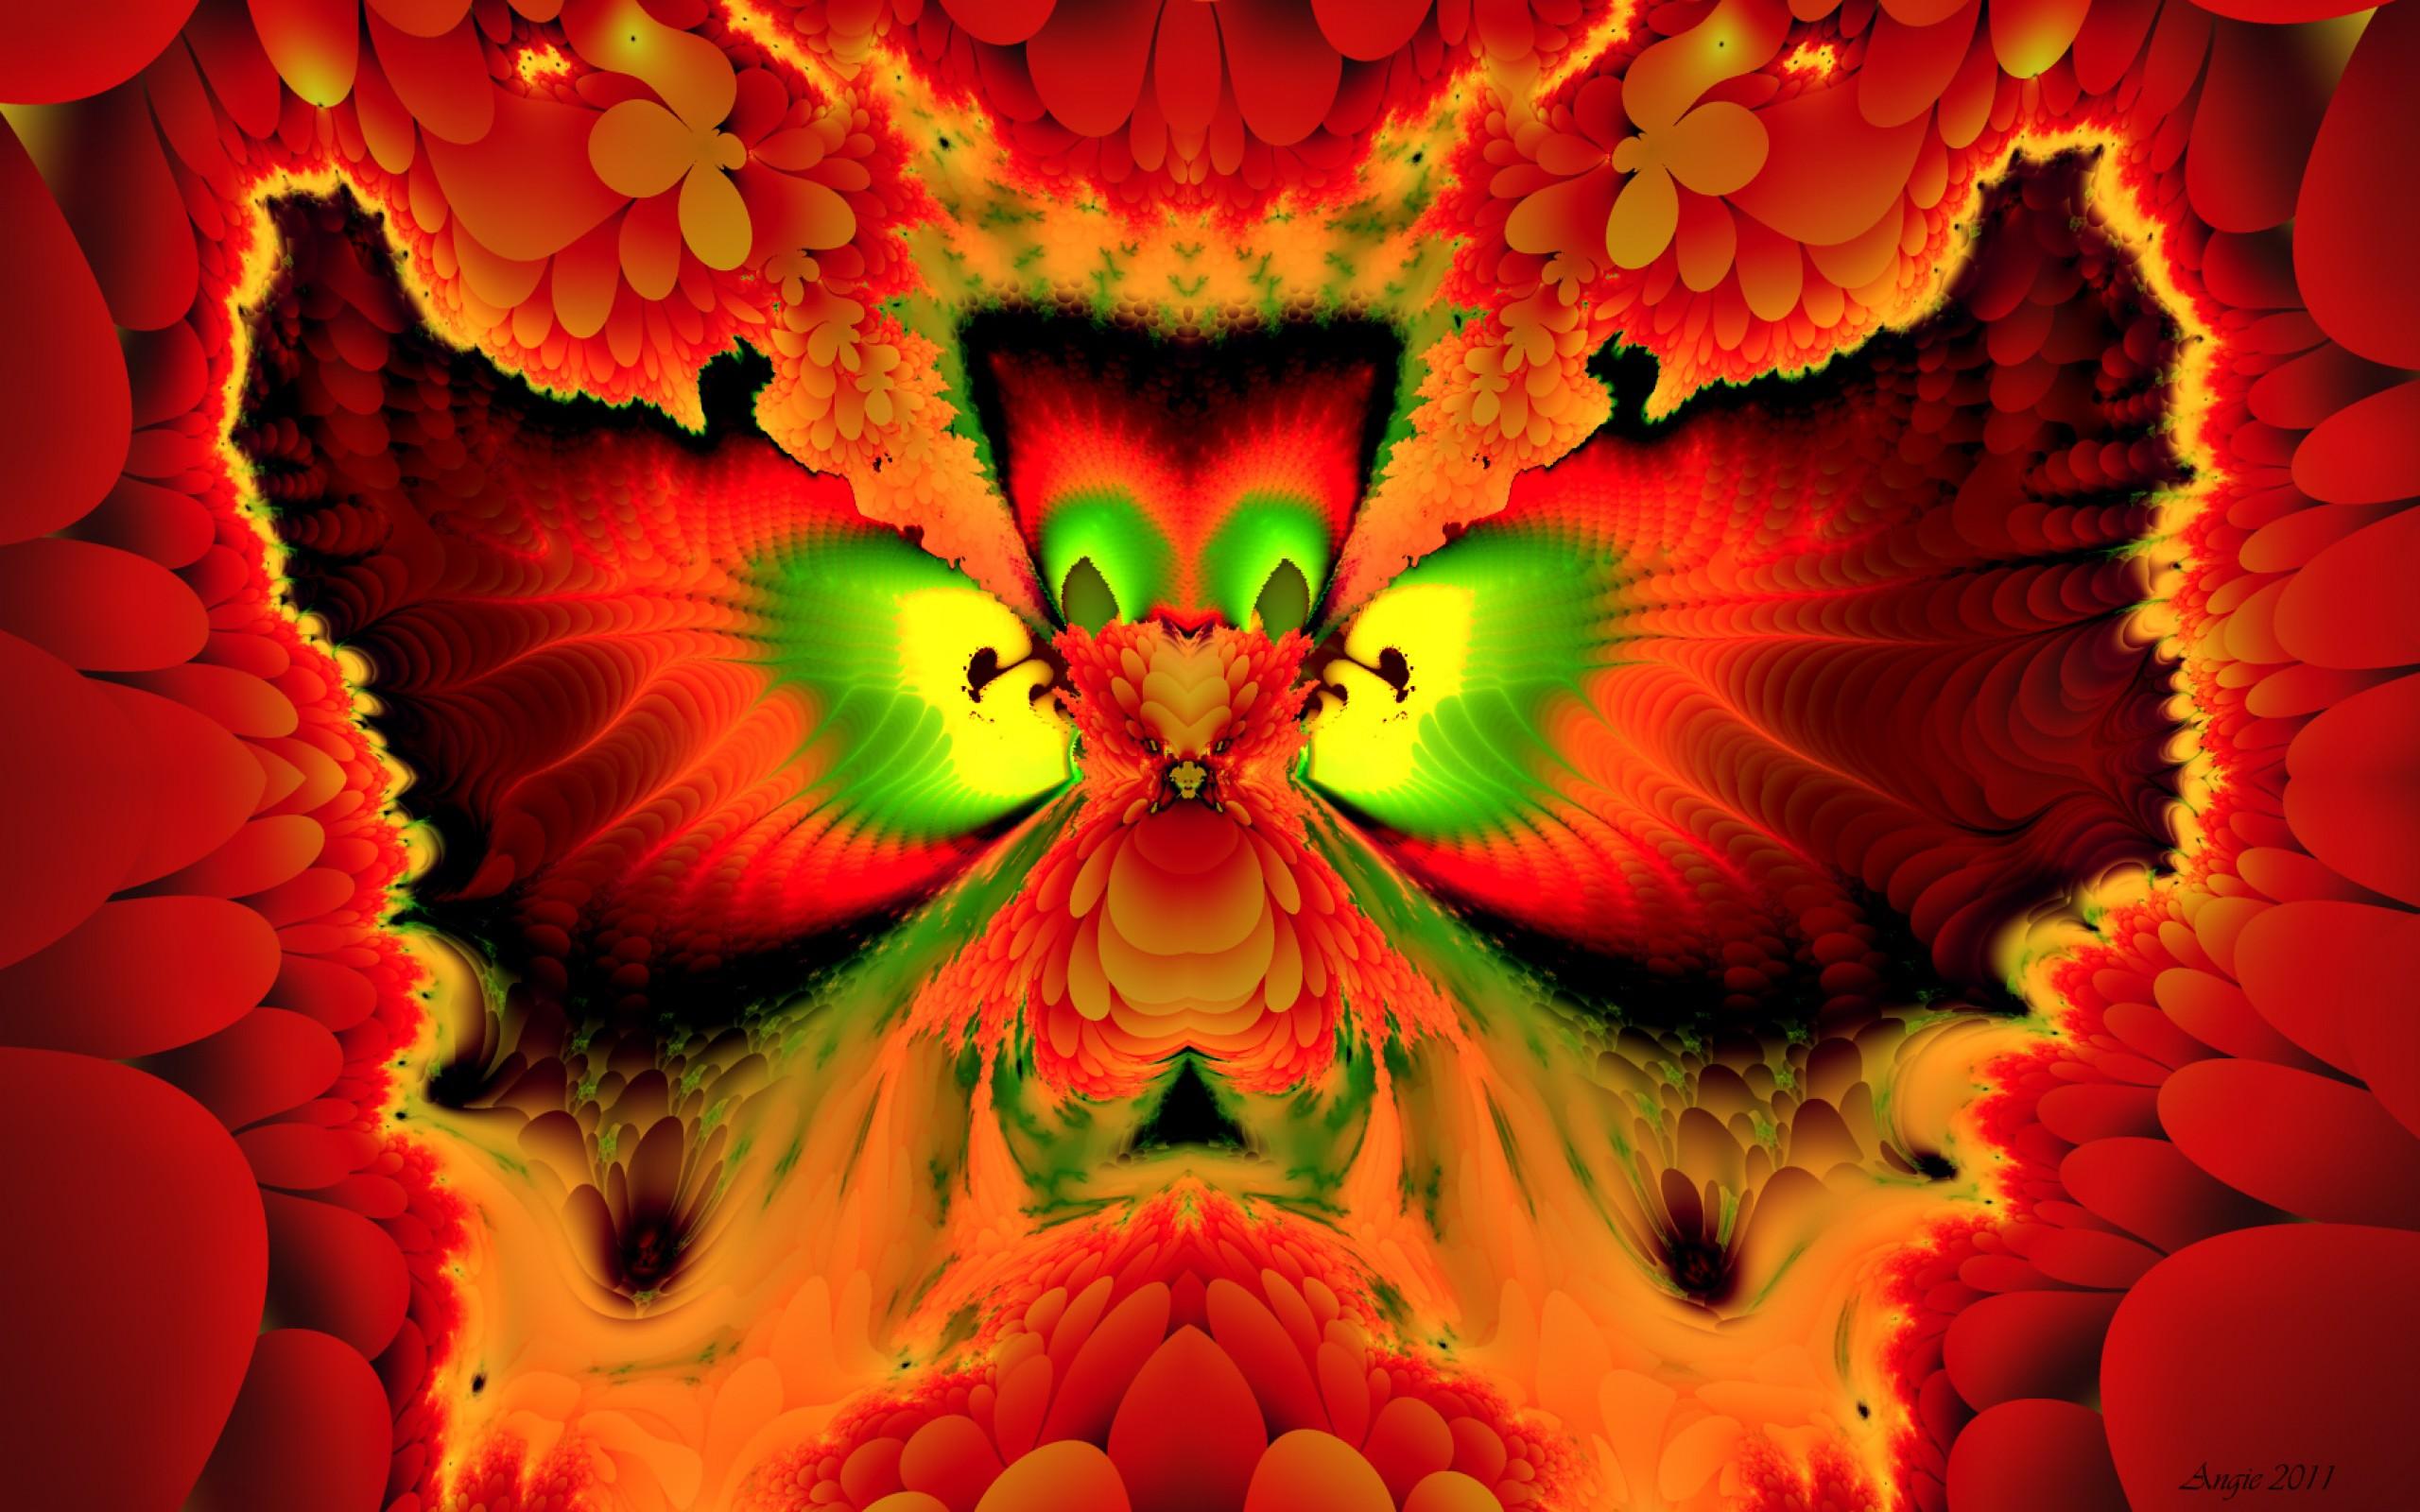 Phoenix  bird  fire  fractal  HD Wallpaper